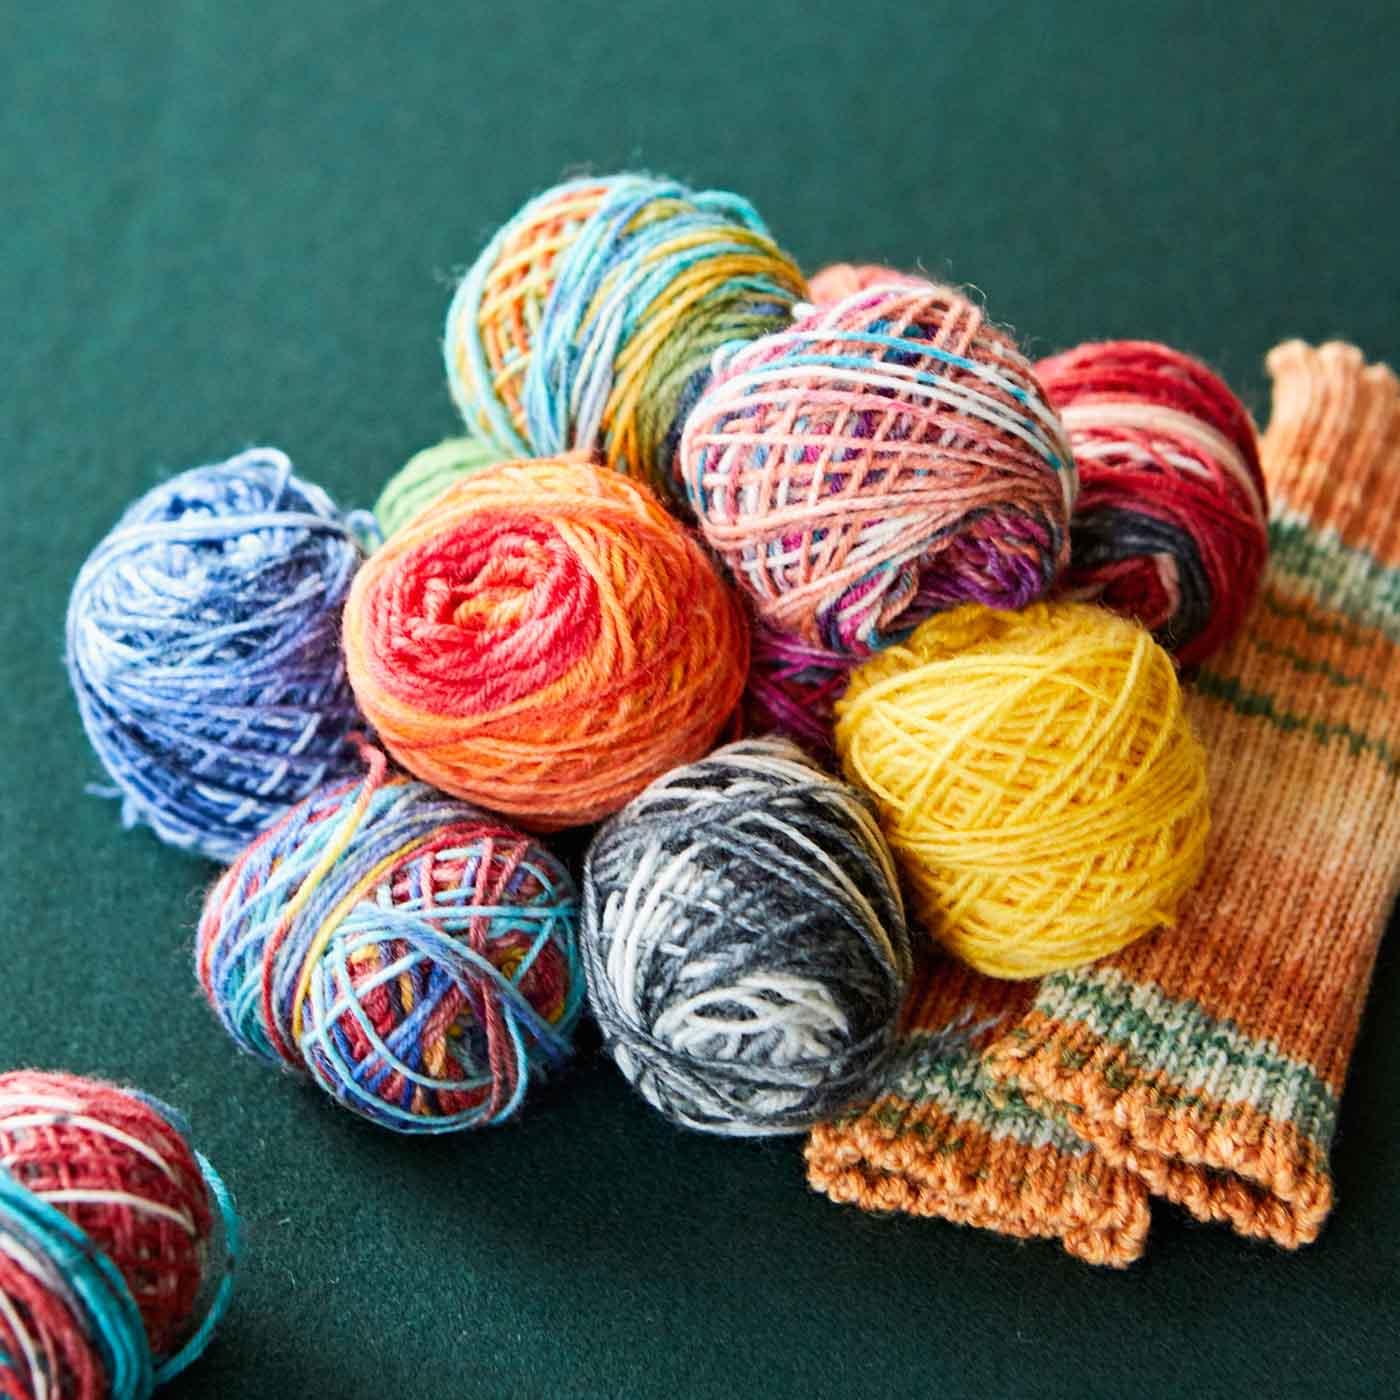 中には、毛糸玉や編み上がったニット小物が入っている日も!